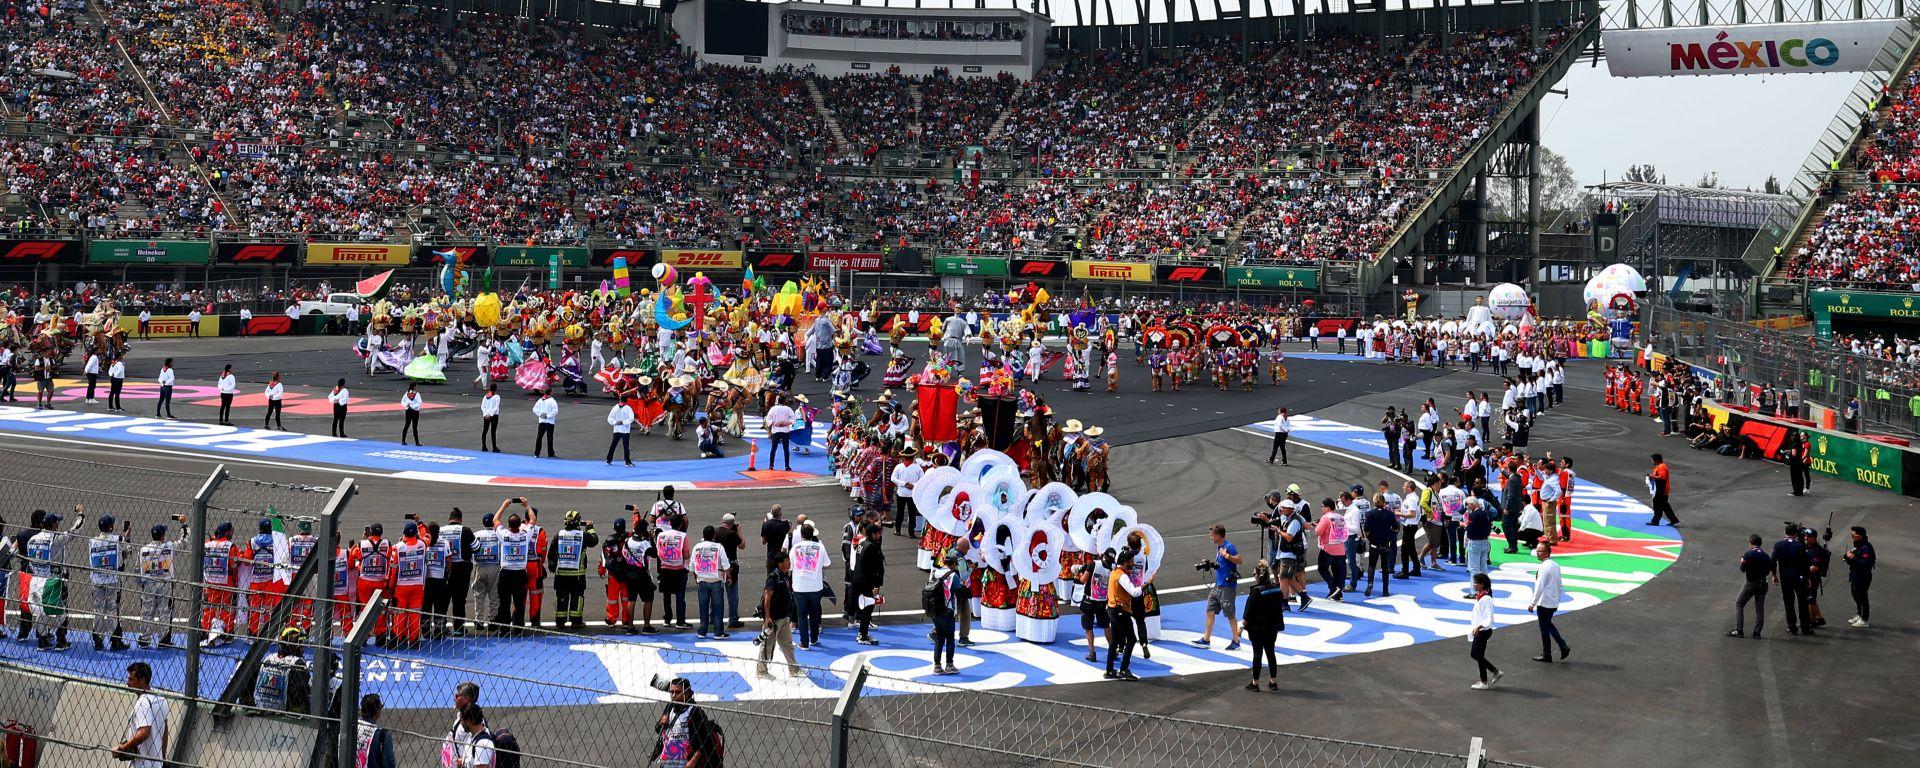 F1 GP Messico 2019, Città del Messico: la folkloristica parata prima del via della gara